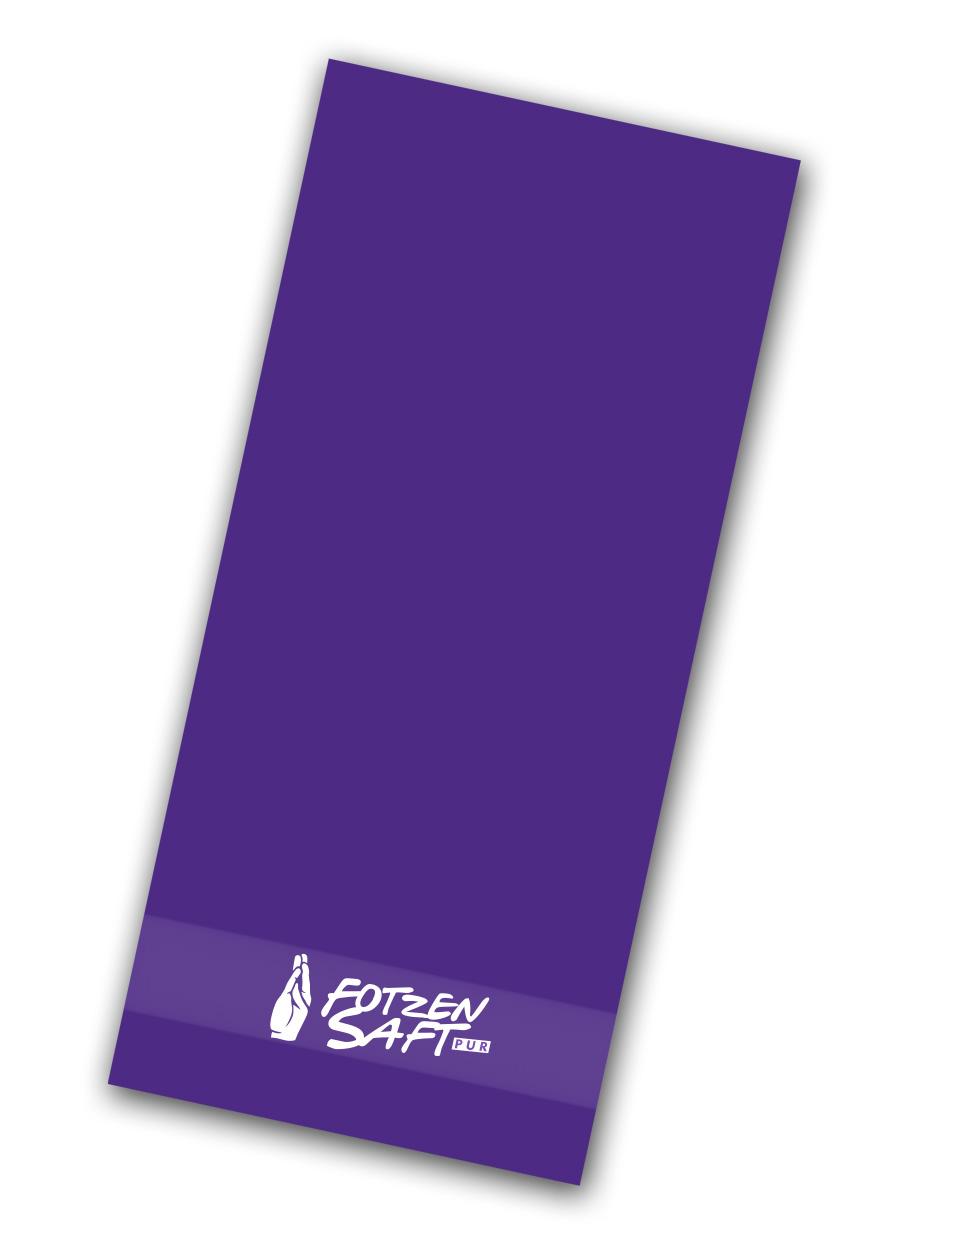 Fotzensaft Handtuch - 3er Bundle weiß auf lila